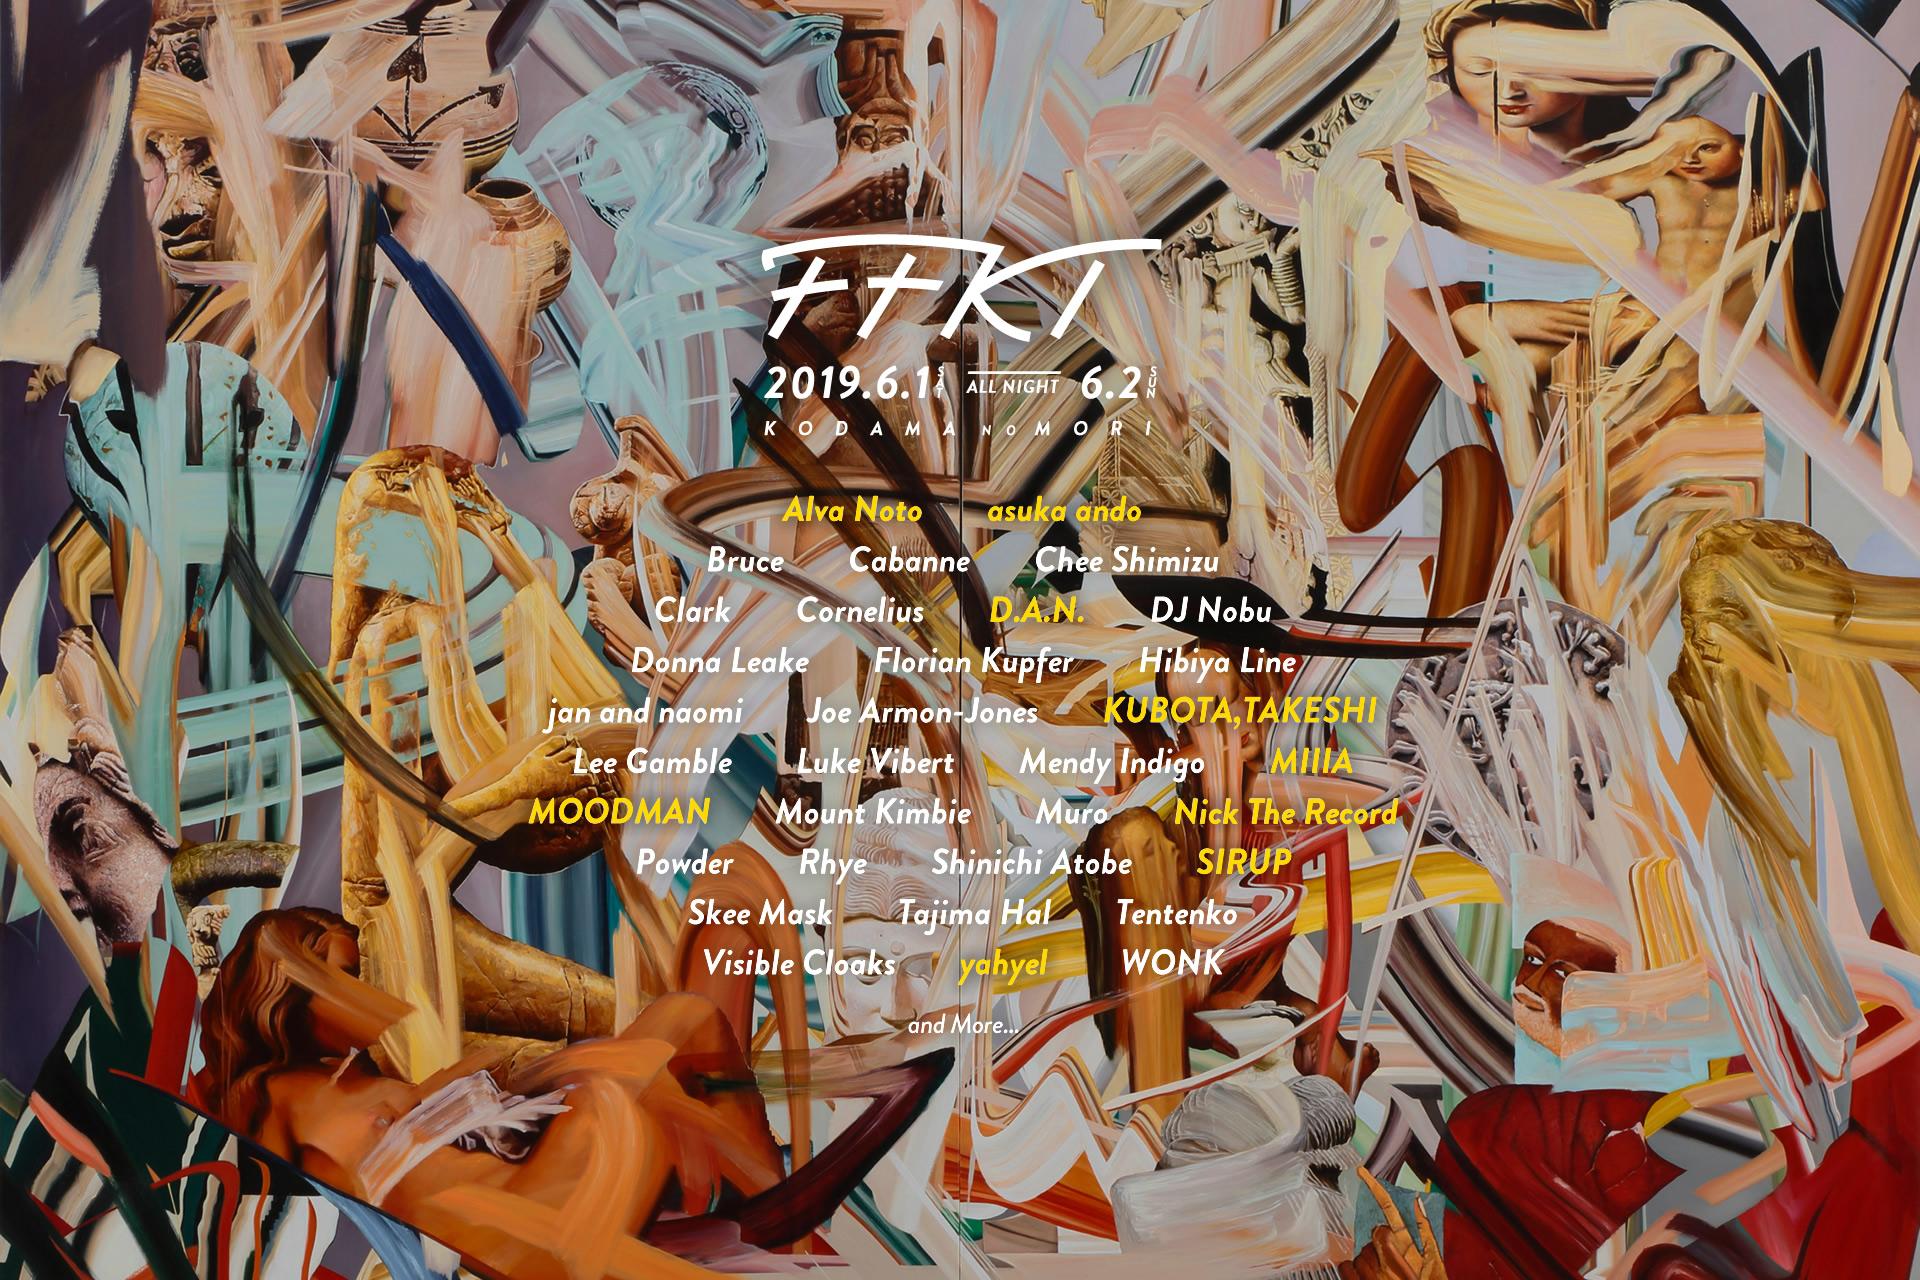 FFKT 2019 2nd line-up | FFKT 2019